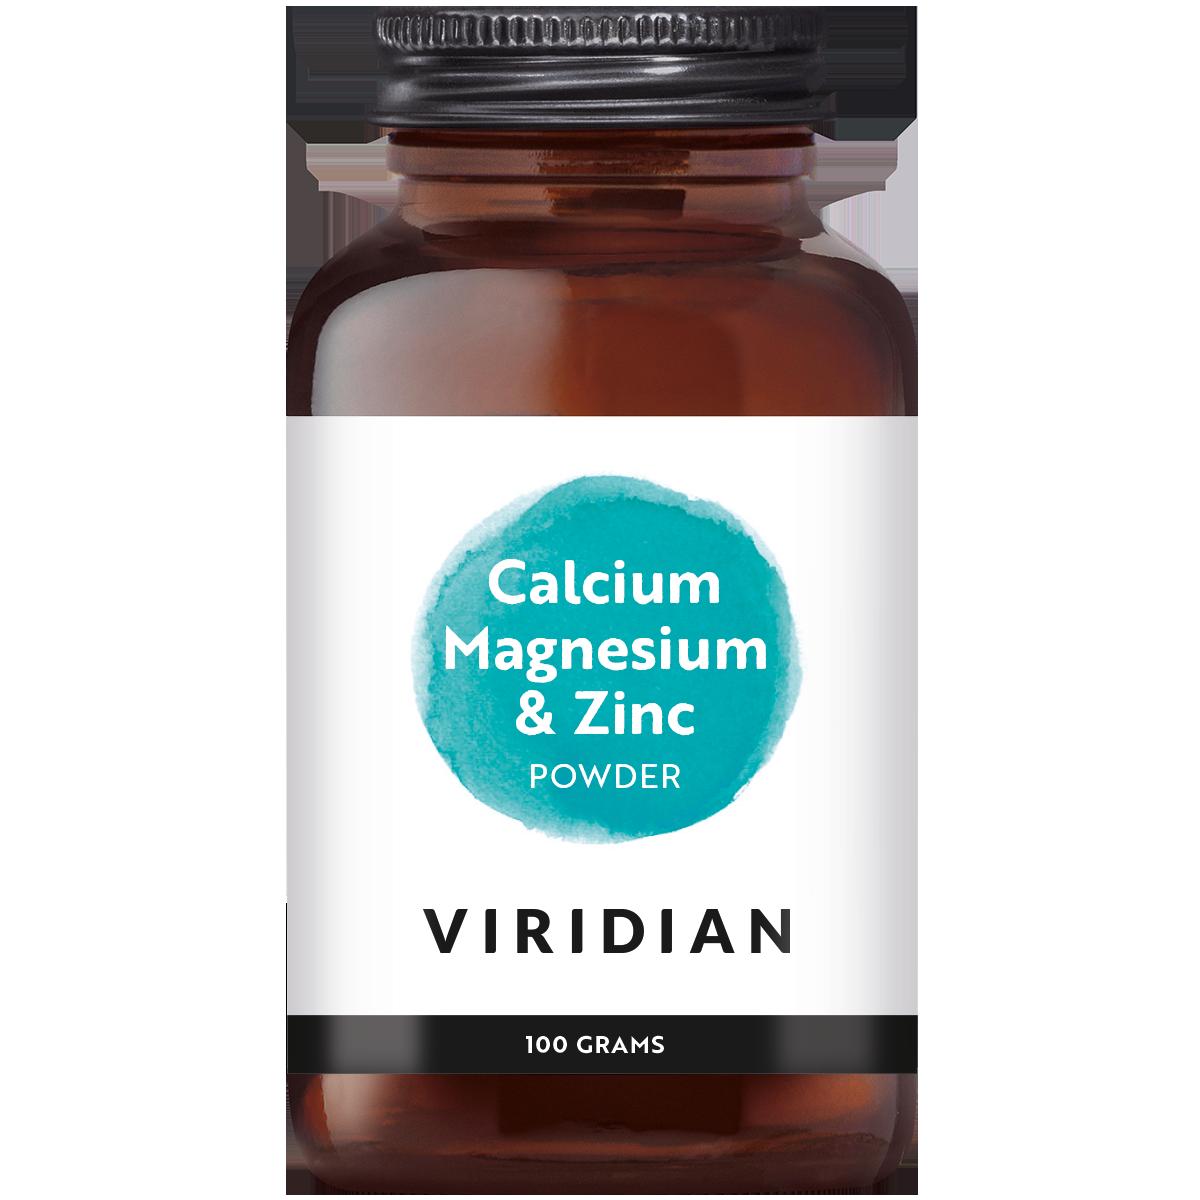 Calcium Magnesium with Zinc, Viridian, Combinatie van calcium, magnesium en zink in poedervorm. Wordt gebruikt voor sterke botten.